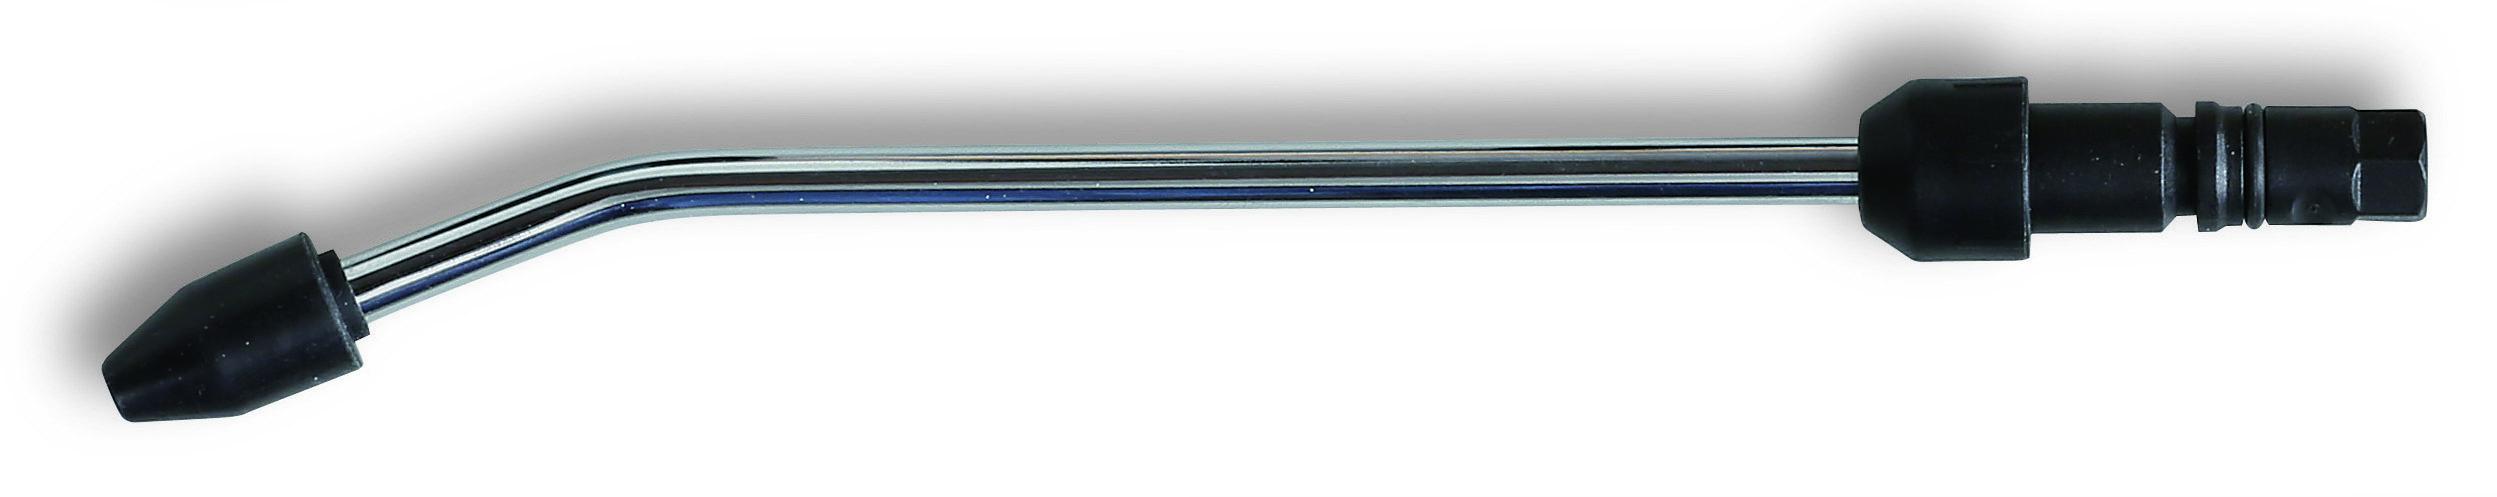 Terasest otsik, 160 mm,  kriimustusvastase kummist äärega tootele 1949U5